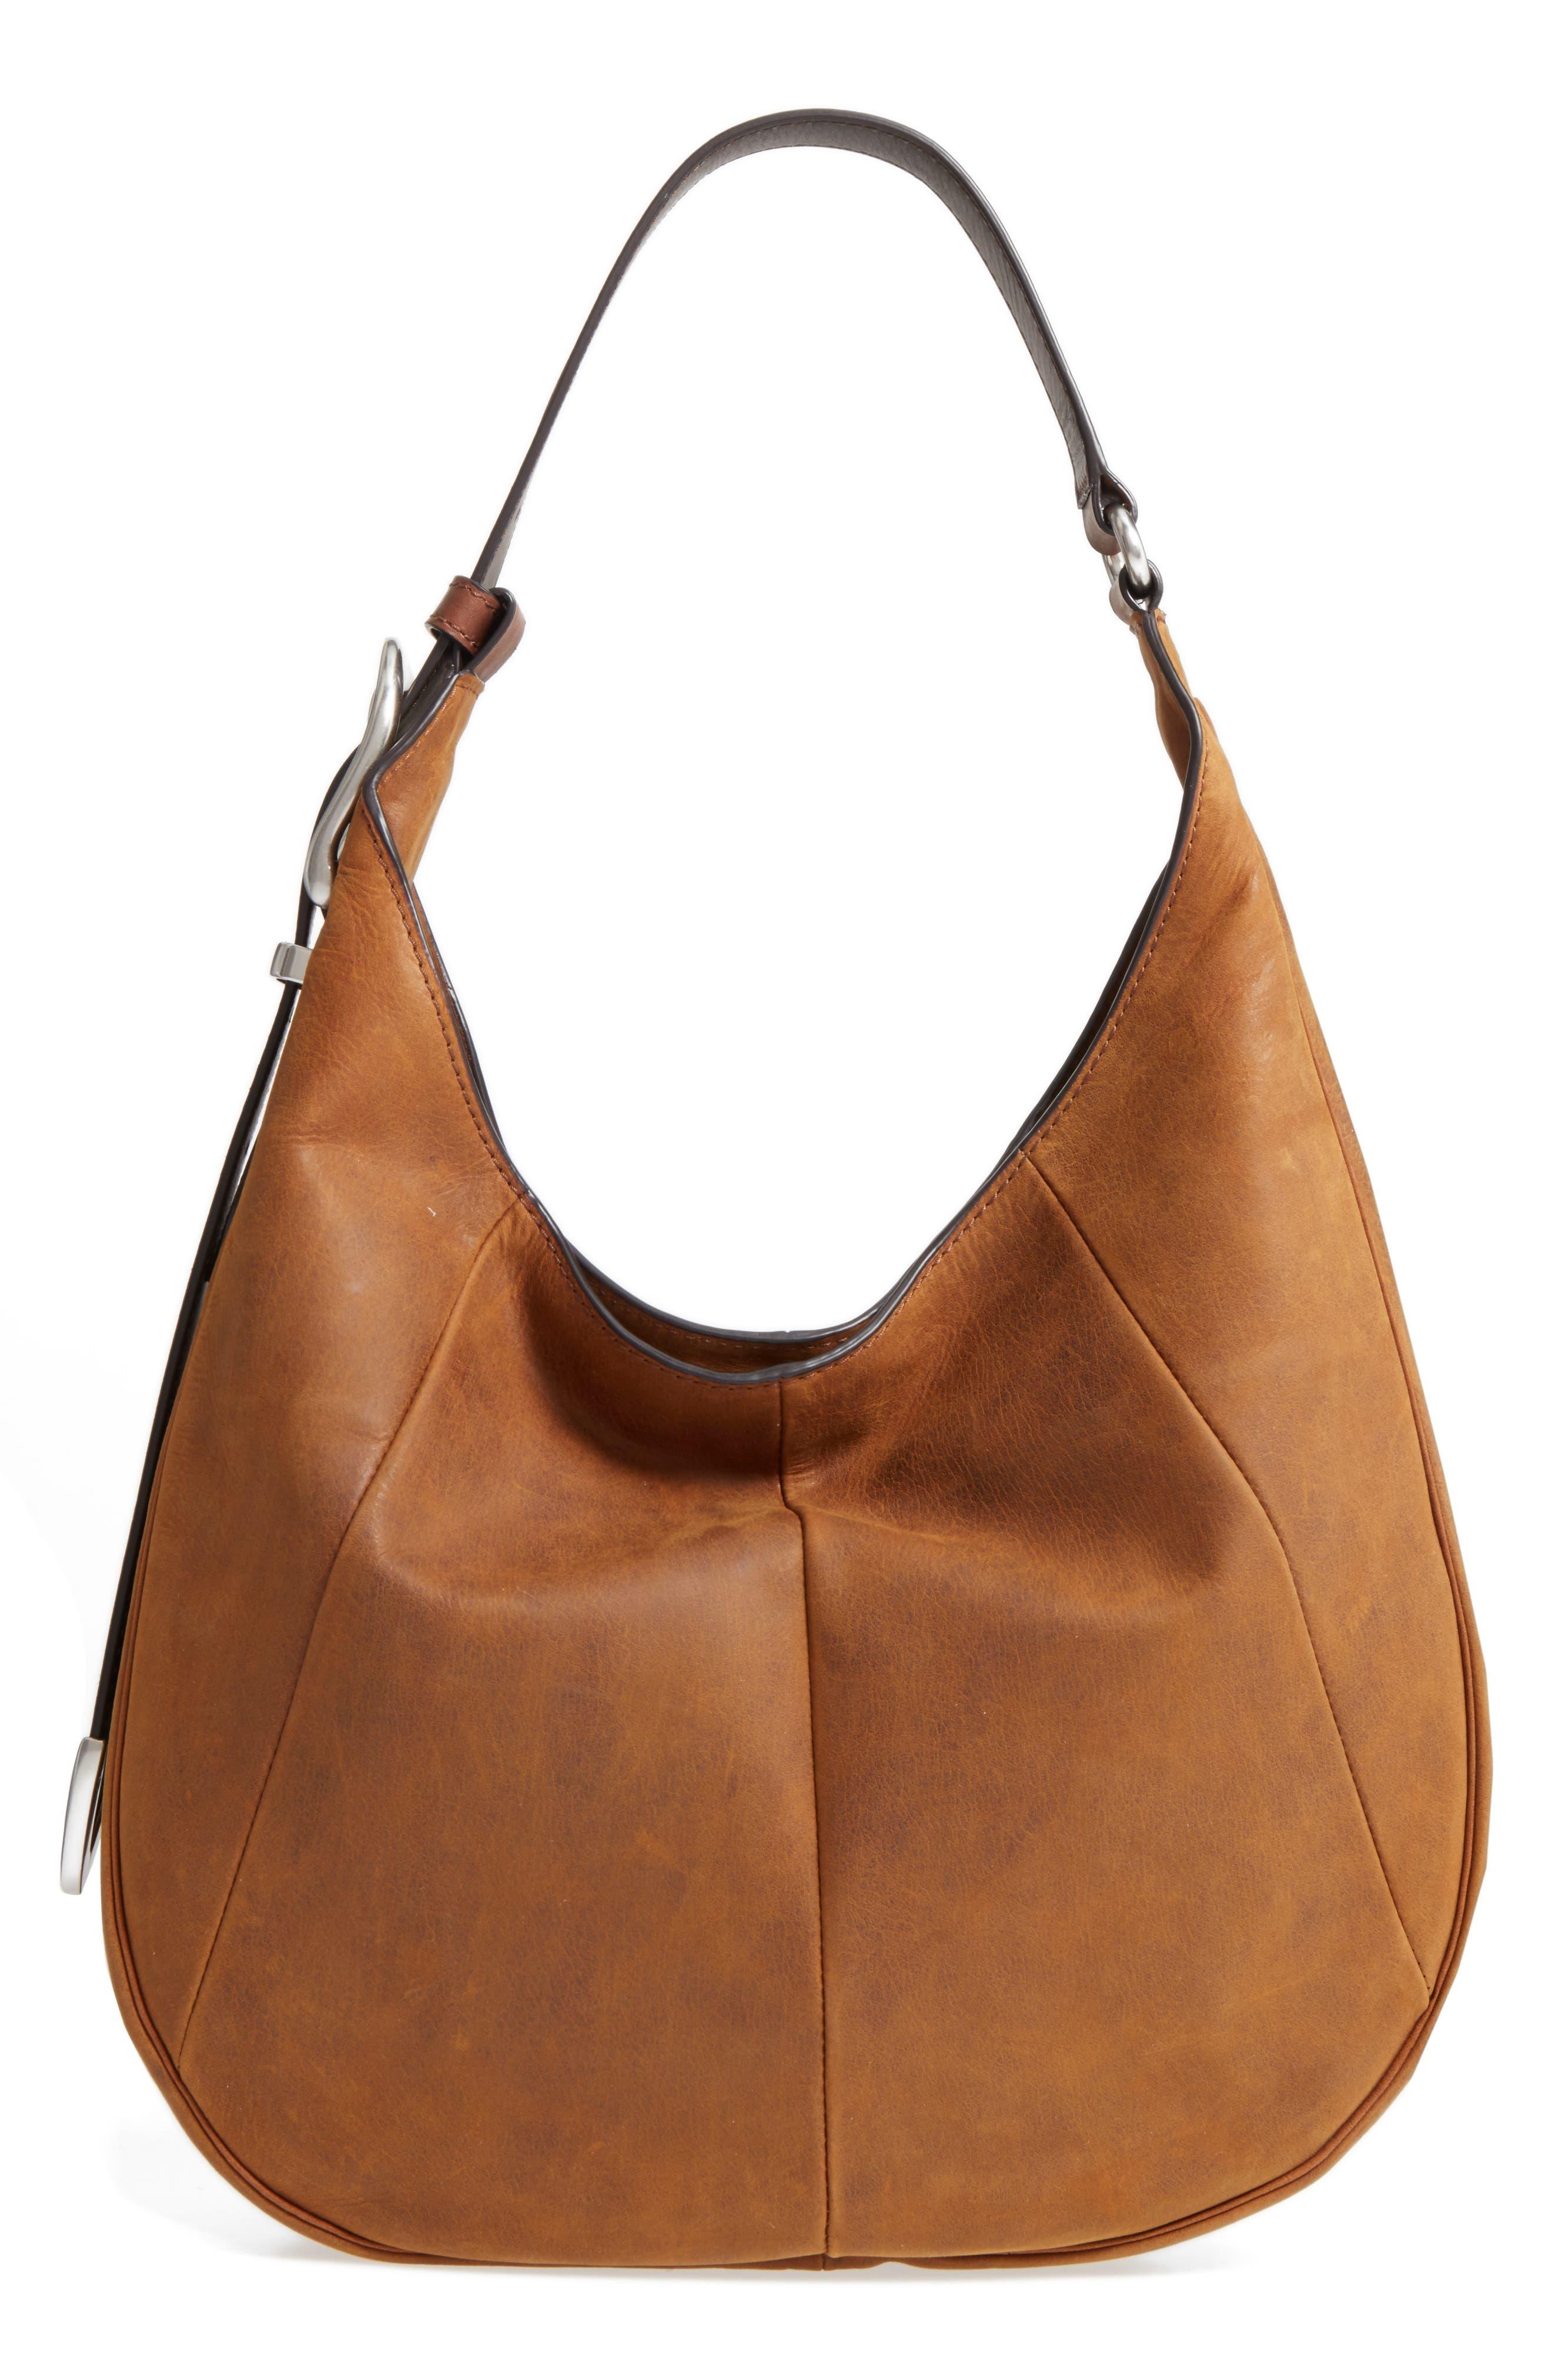 Frye Jacqui Leather Hobo